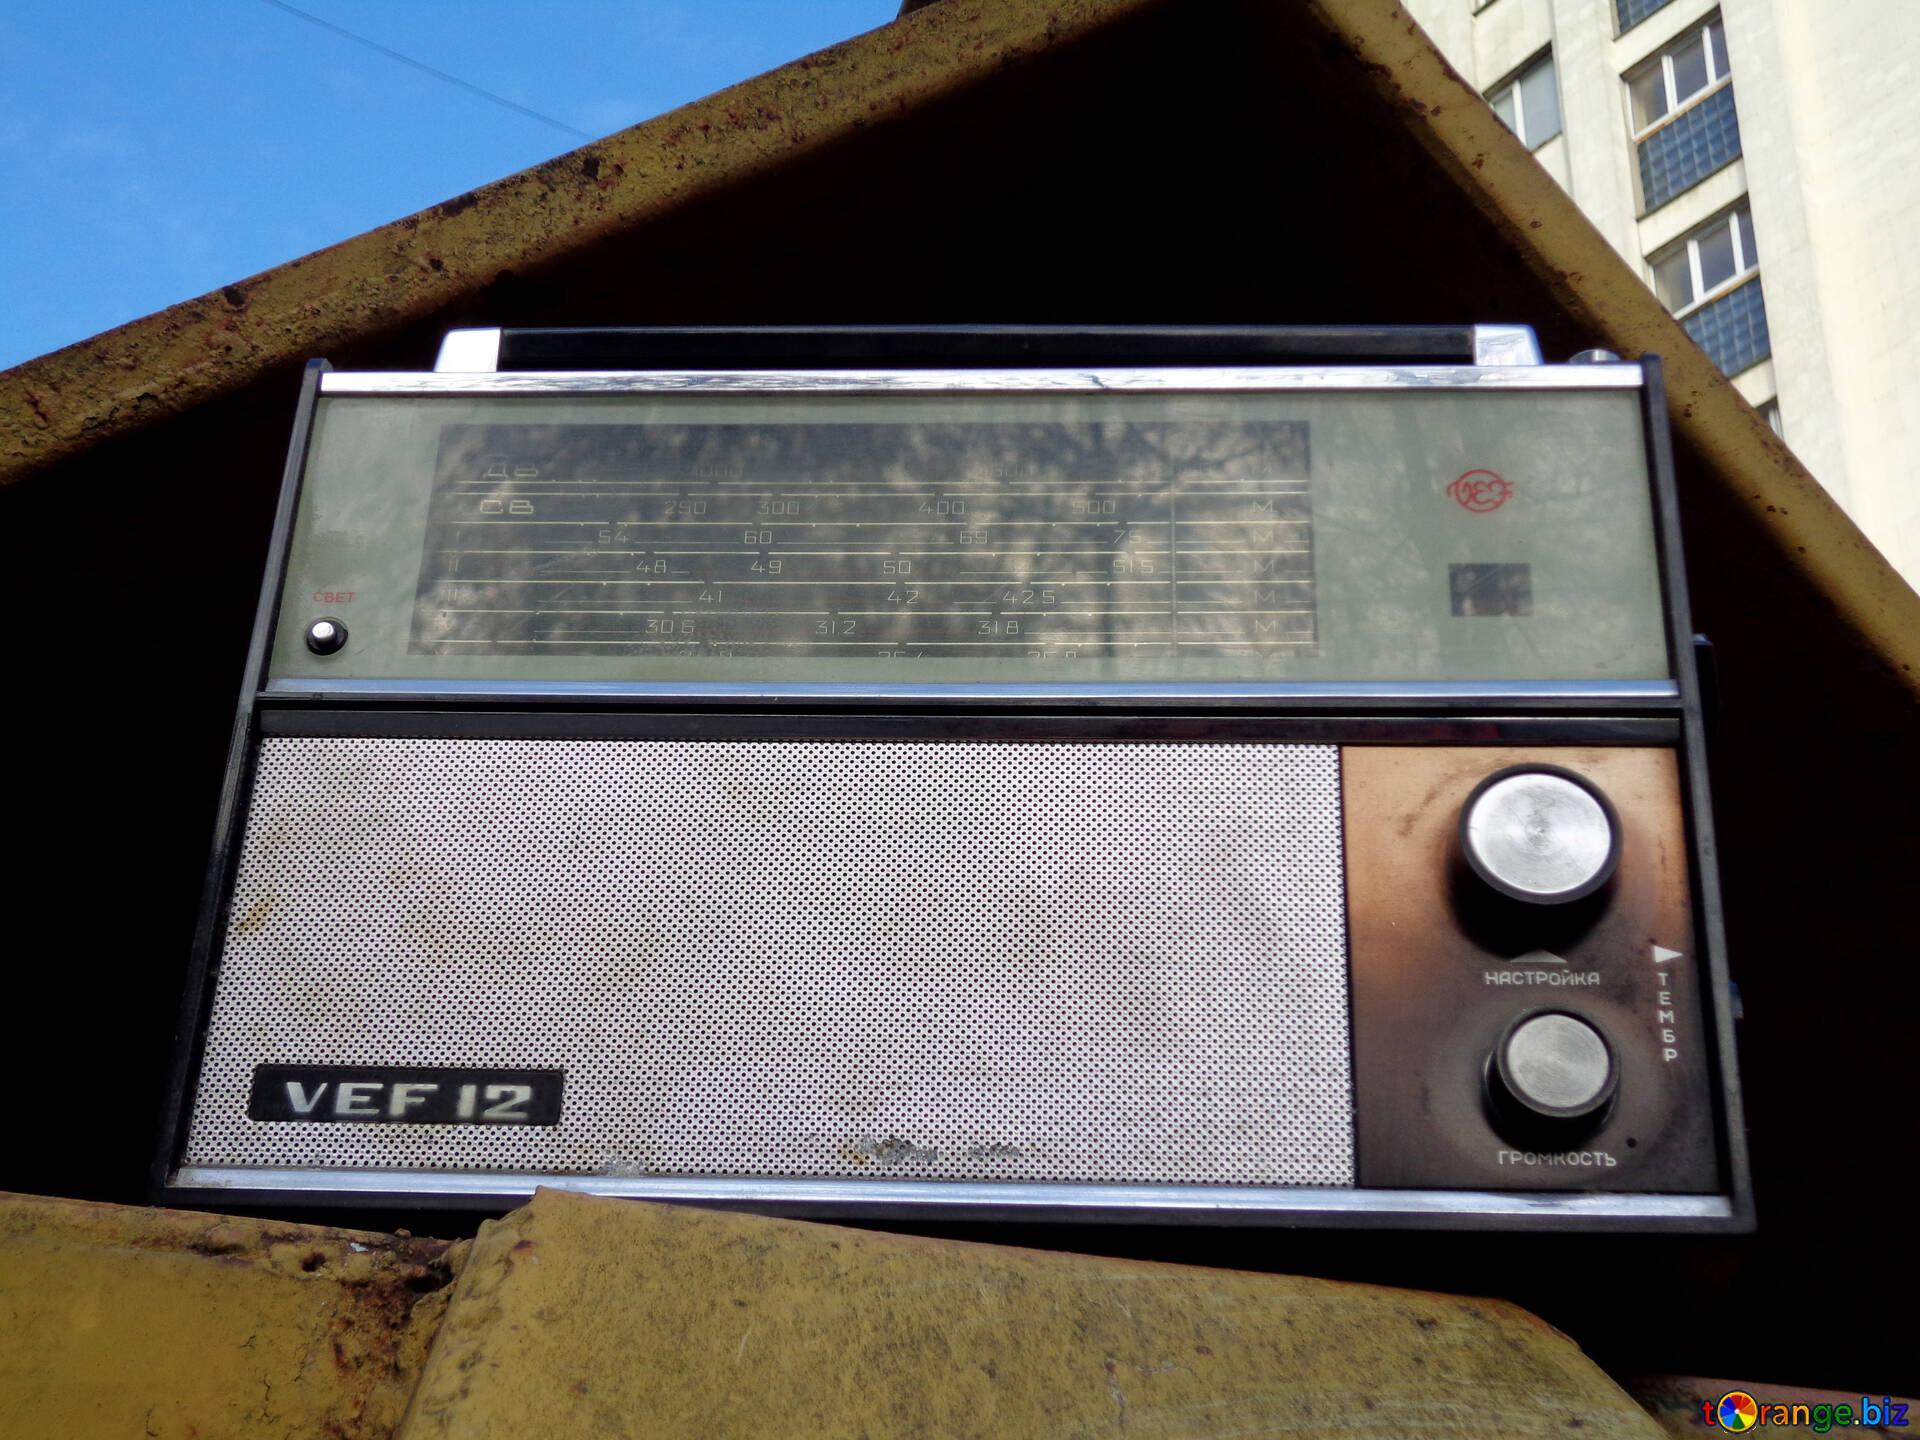 radio fm ricevitore - Radio. Perché gli investimenti pubblicitari sulla radio sono calati più che su altri mezzi nonostante gli ascolti (secondo il TER) hanno sostanzialmente tenuto?